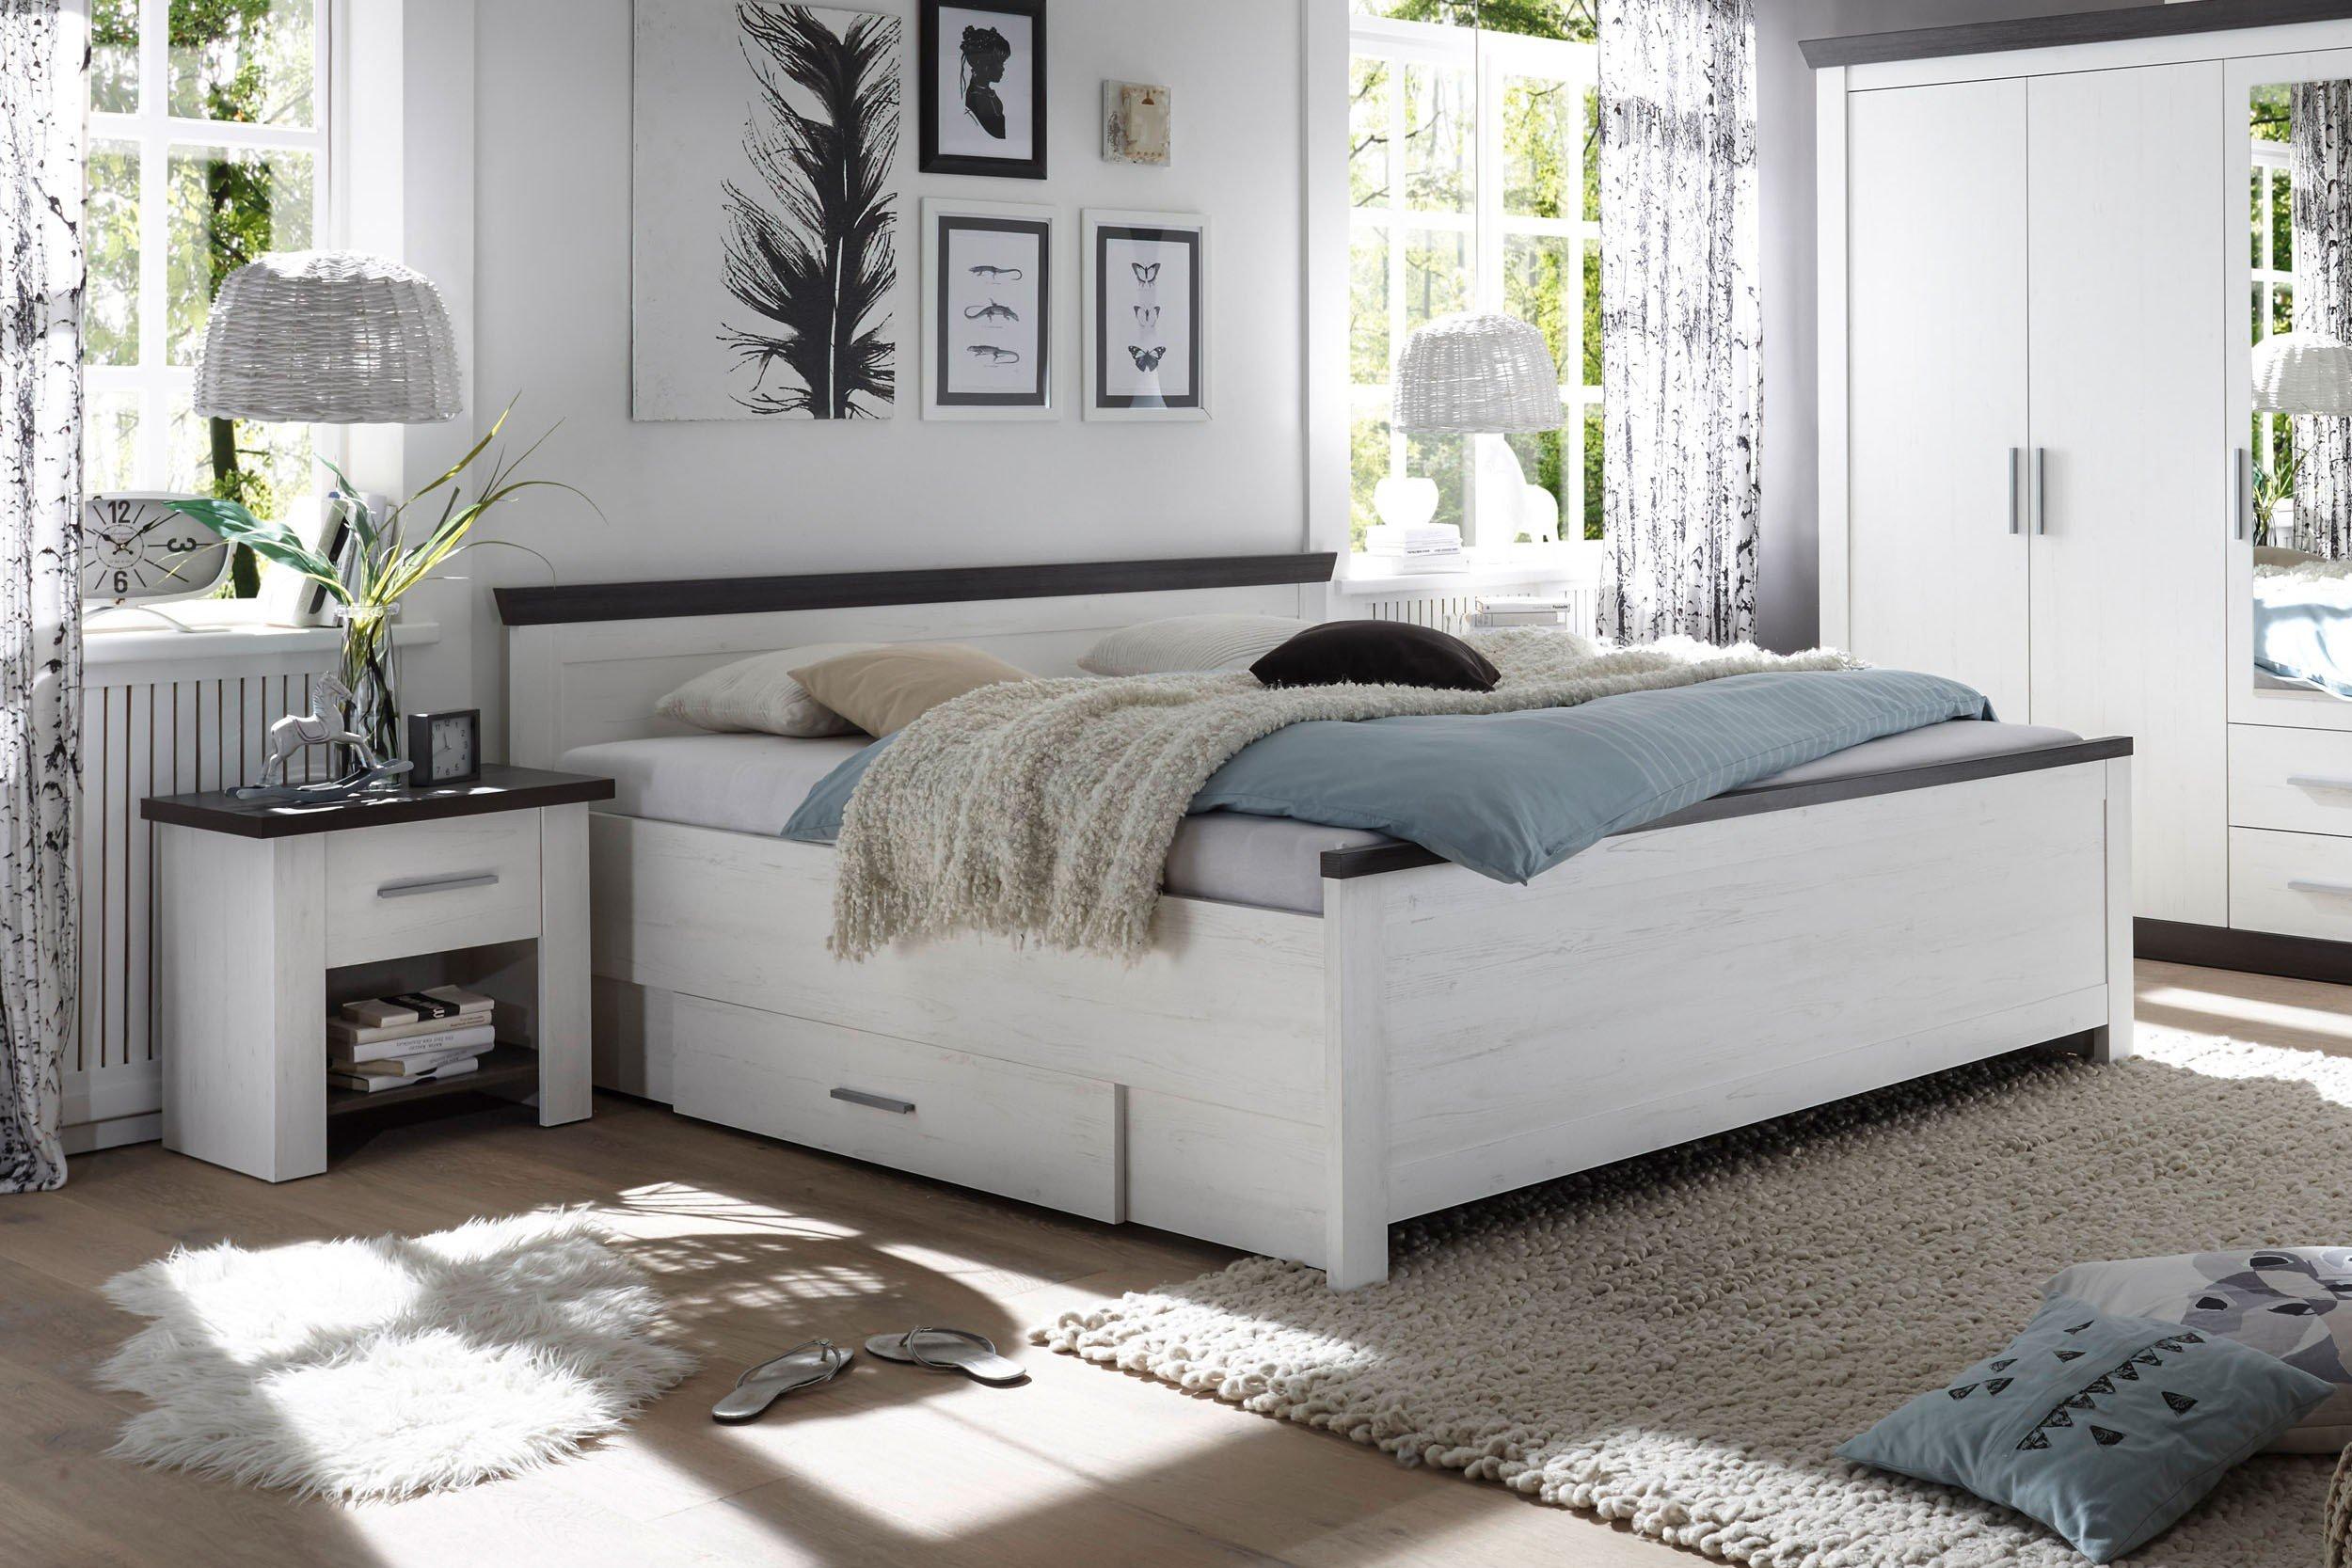 Siena Von IMV Steinheim   Bett In Pinie Weiß/ Wenge